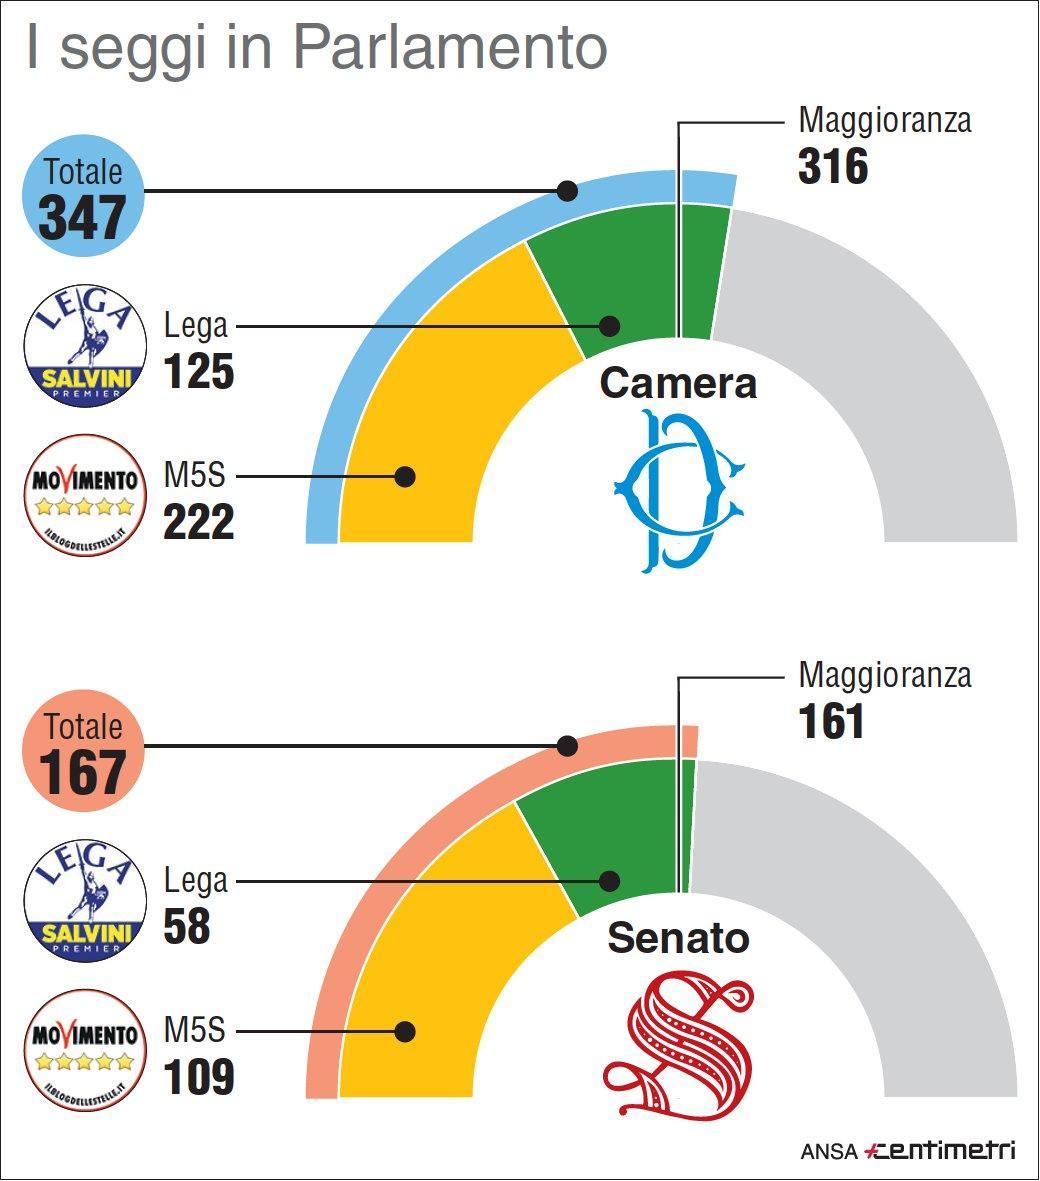 Lega e M5s, i numeri alla Camera e al Senato